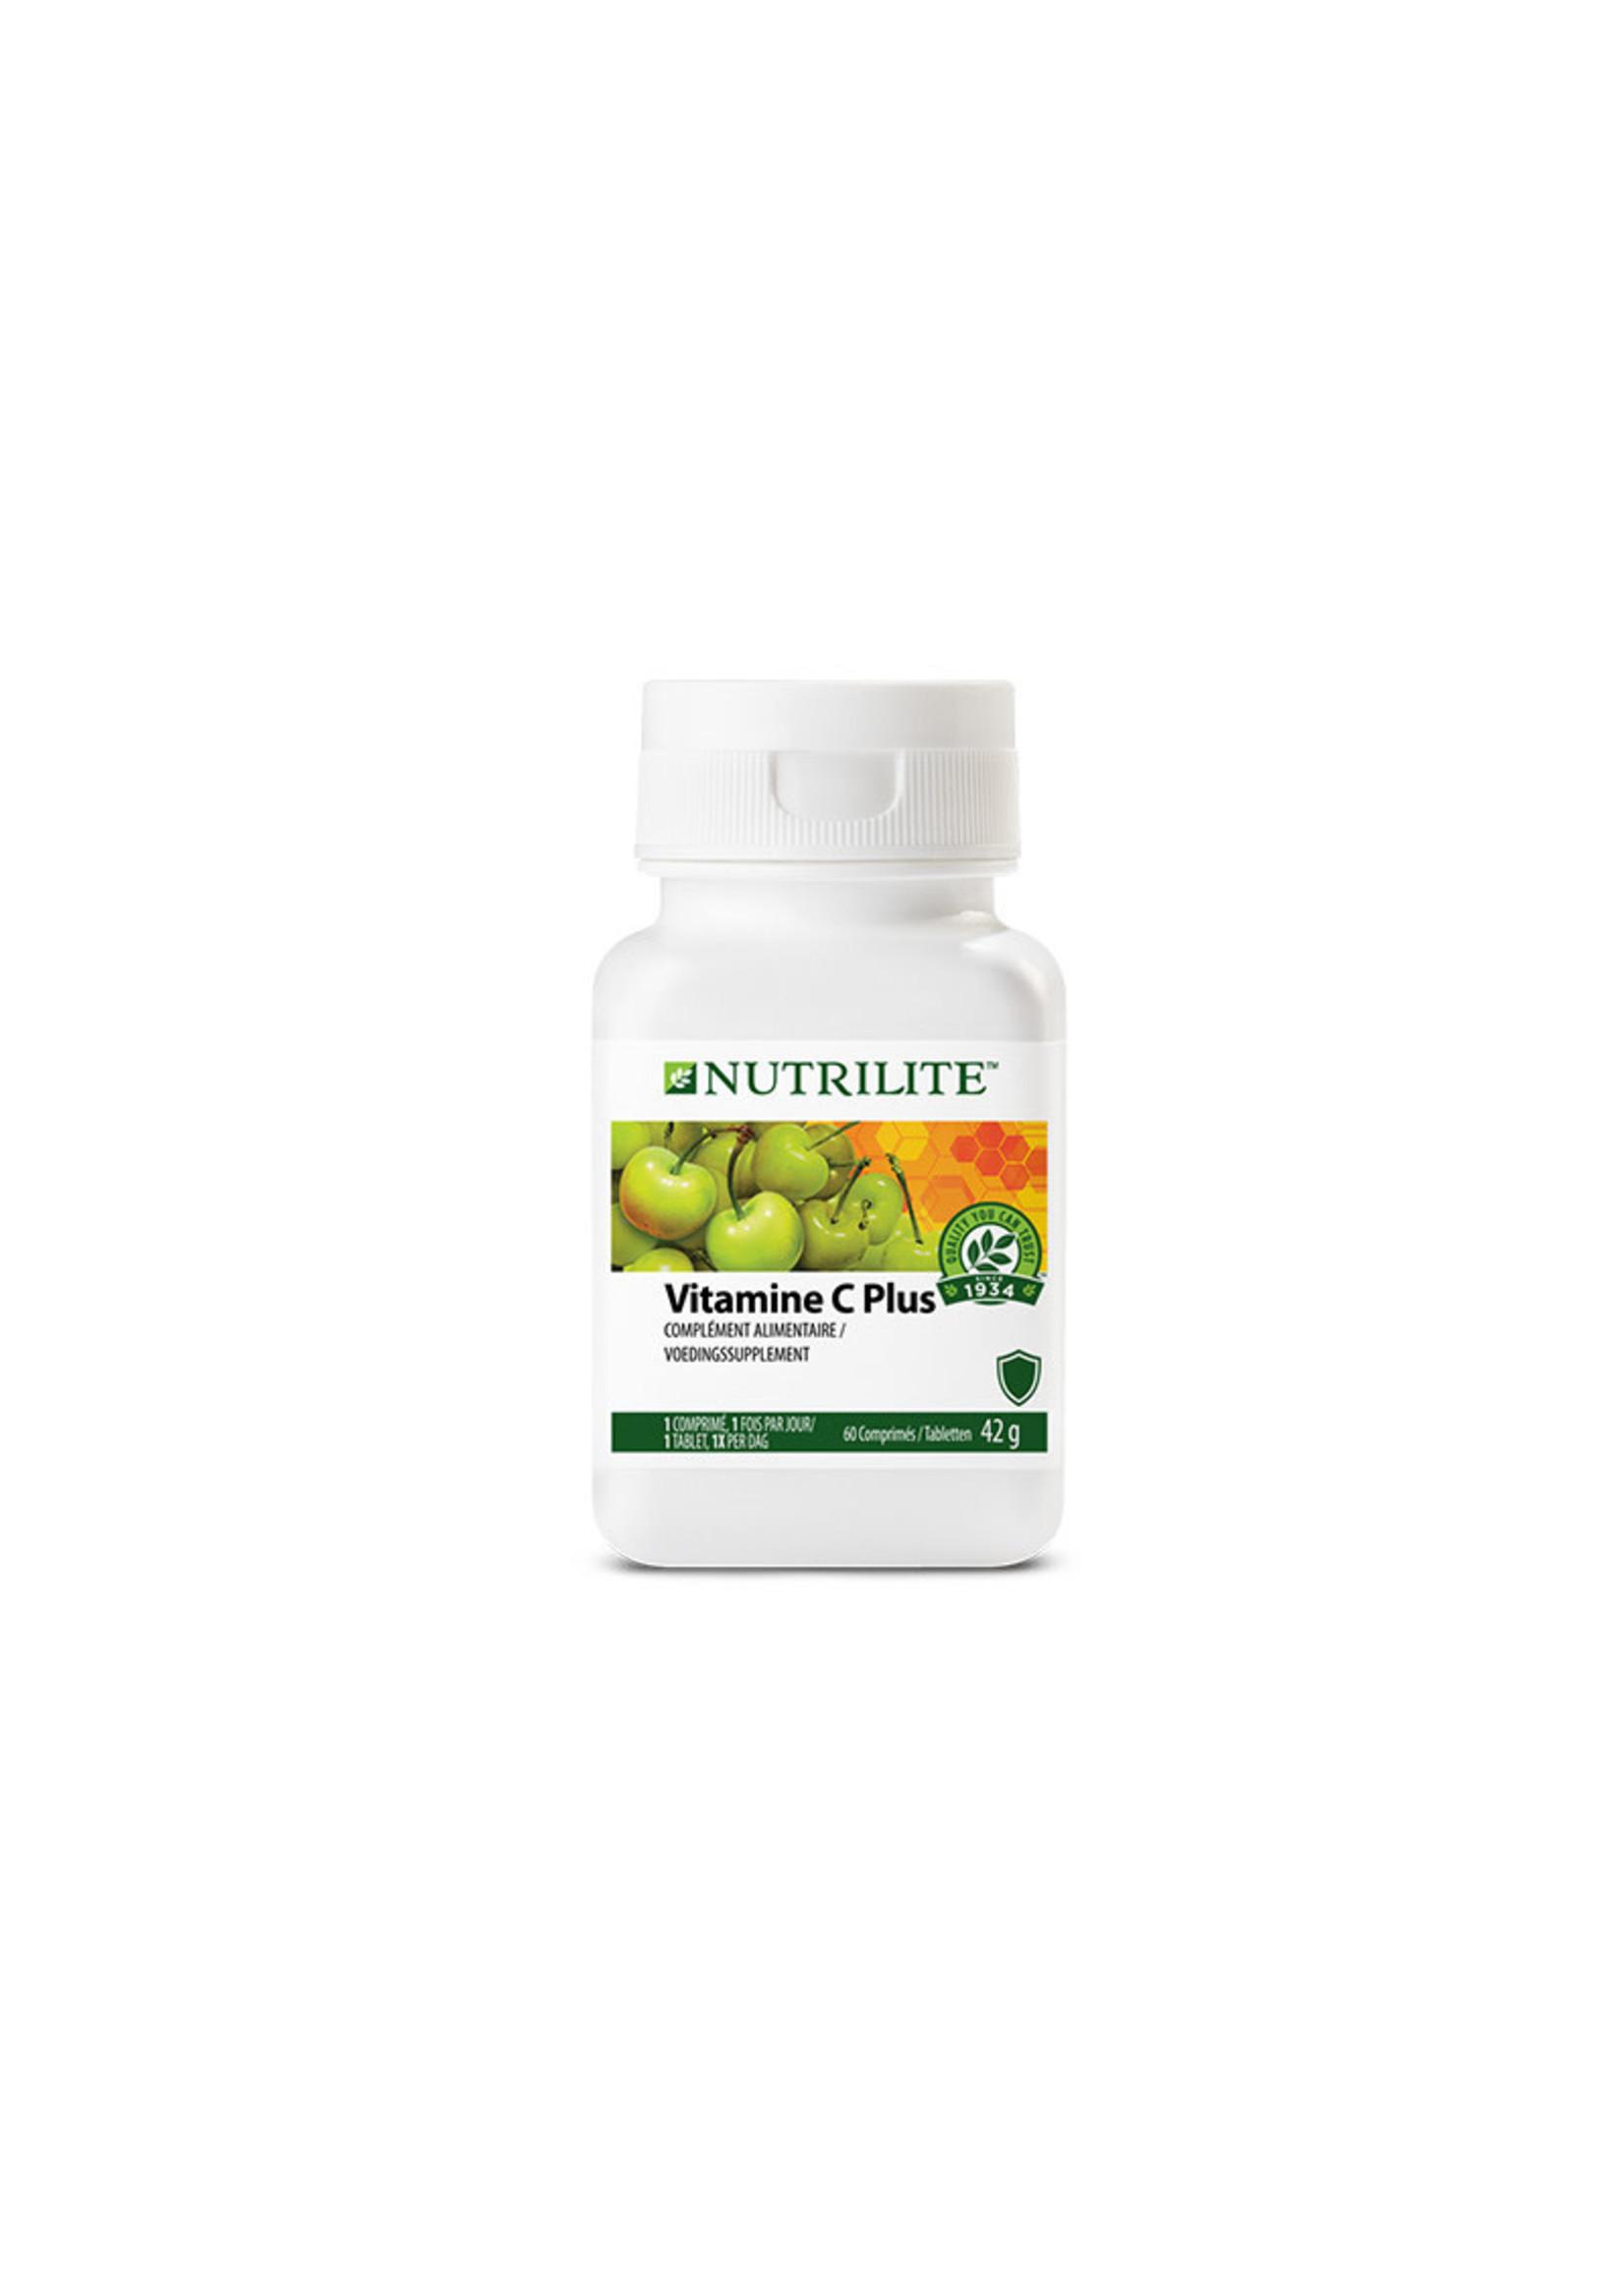 Nutrilite Vitamine C Plus Nutrilite